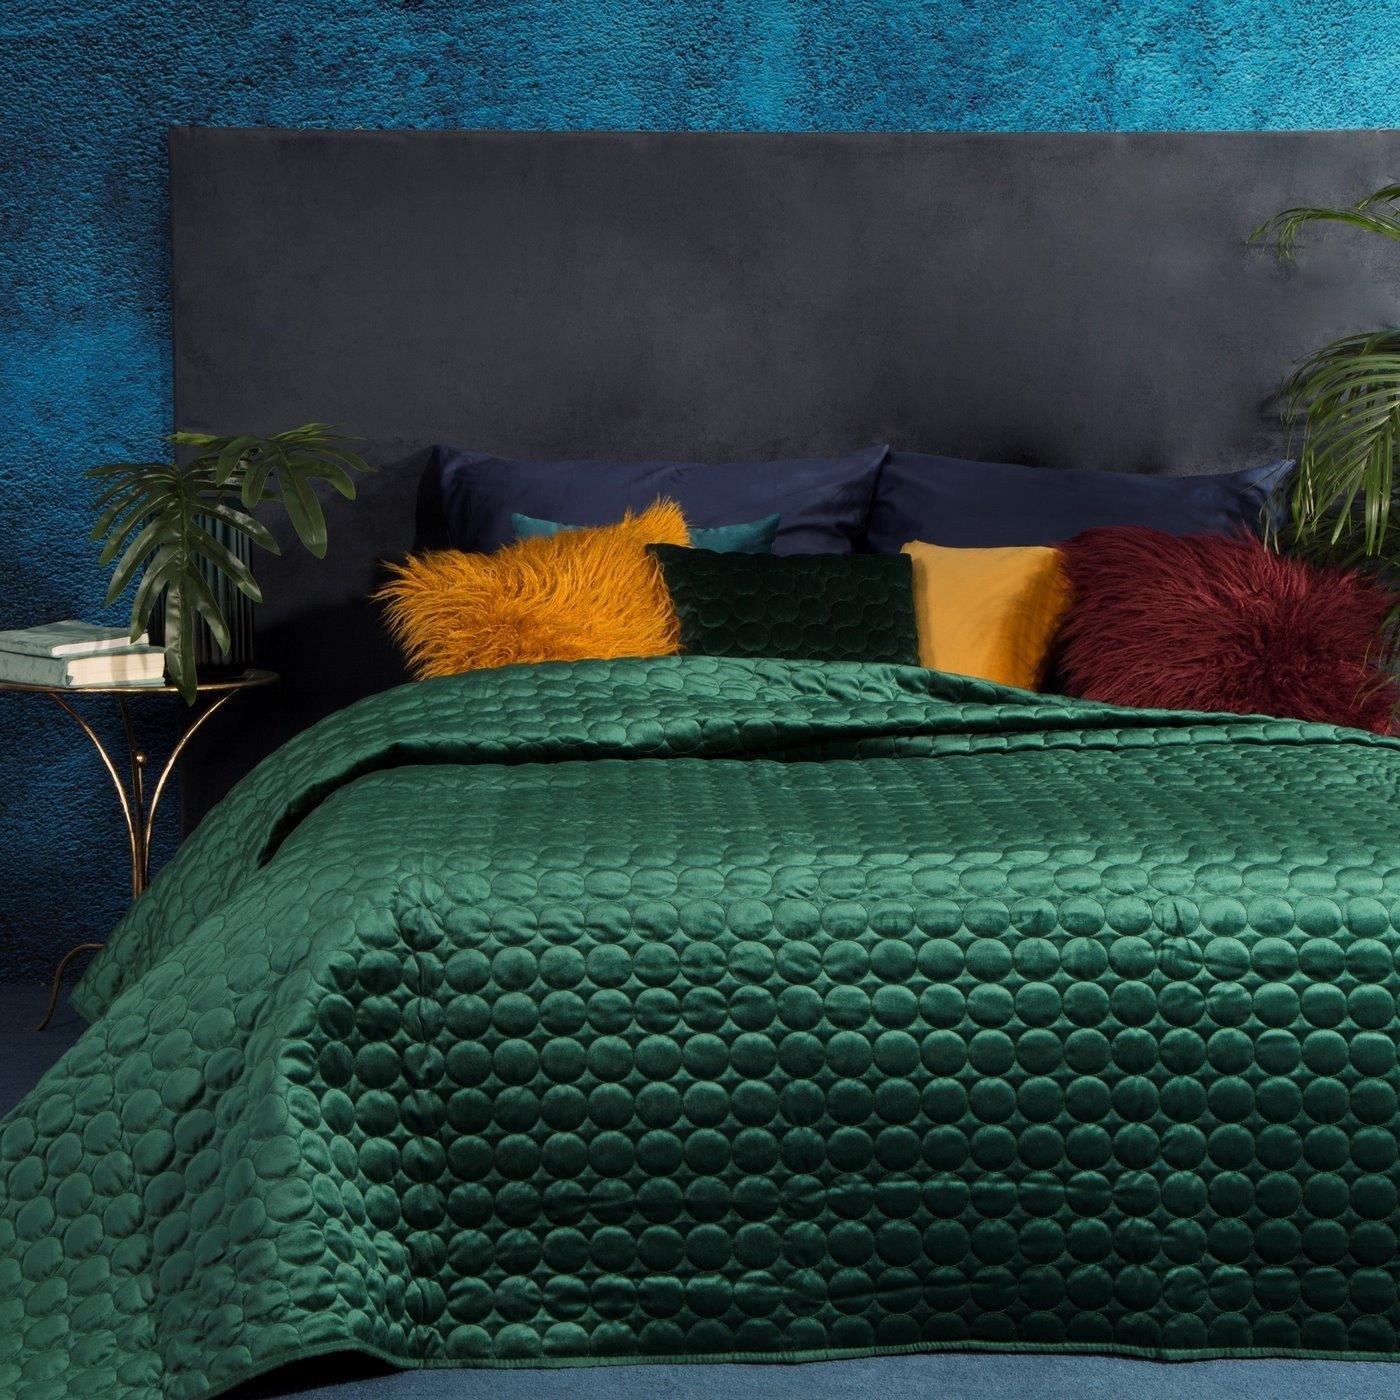 Cuvertura Lilian Velvet Verde inchis, 170 x 210 cm imagine